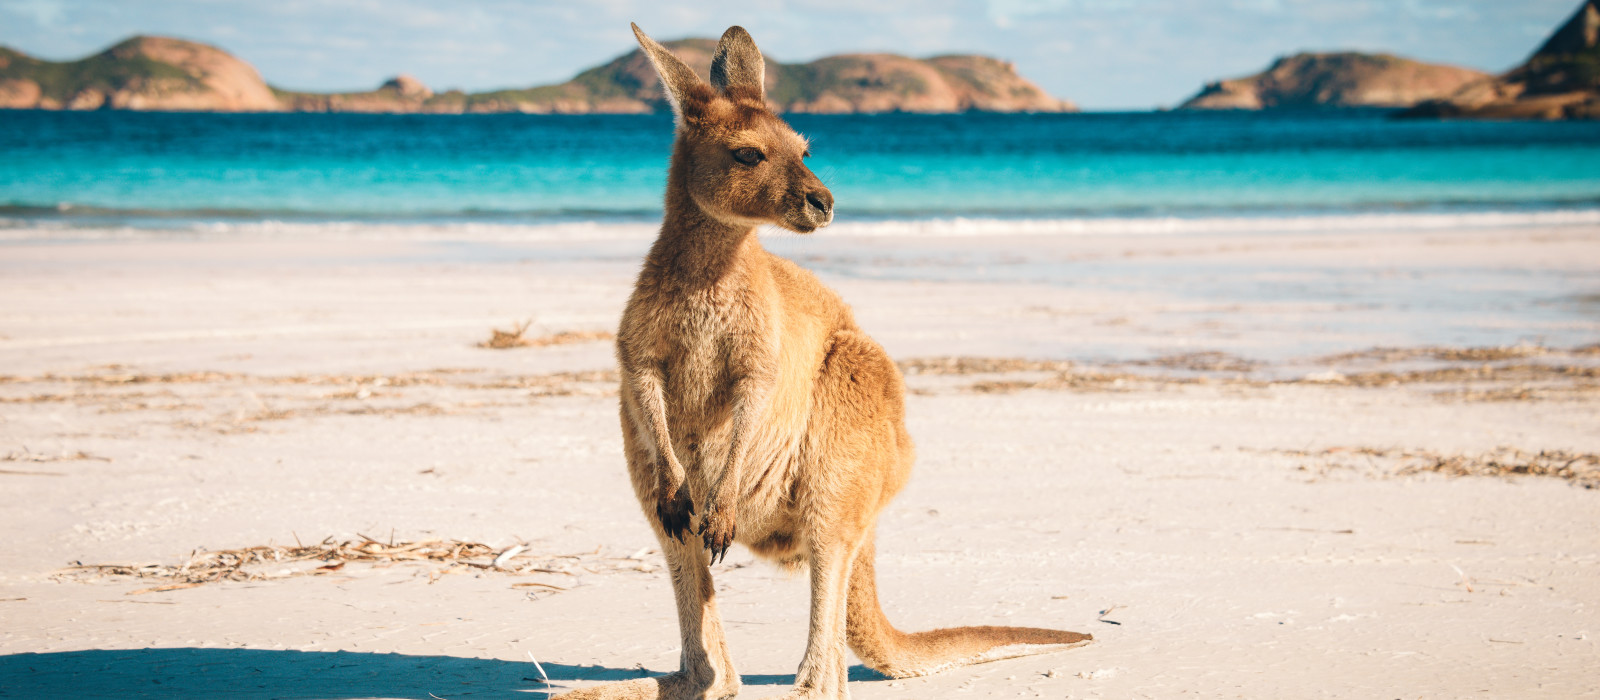 Australien Roadtrip – Tasmaniens Naturwunder Urlaub 1